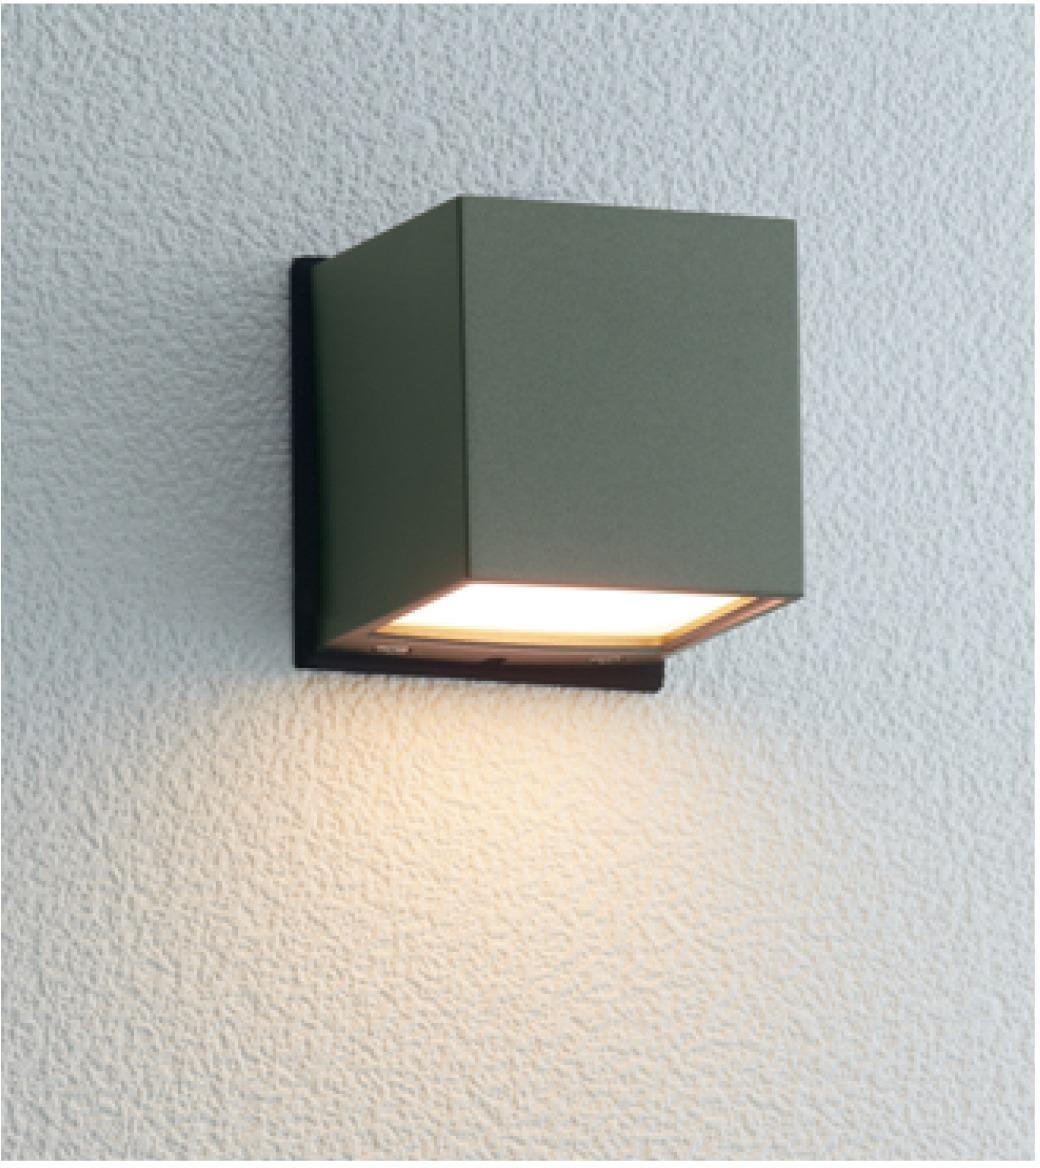 ユニソン(unison)エクステリア 屋外 照明 ライト 12V照明 表札灯 【エコルトウォールライト キューブライト アイビーグレー EA0101722】 エコルトウォールライト